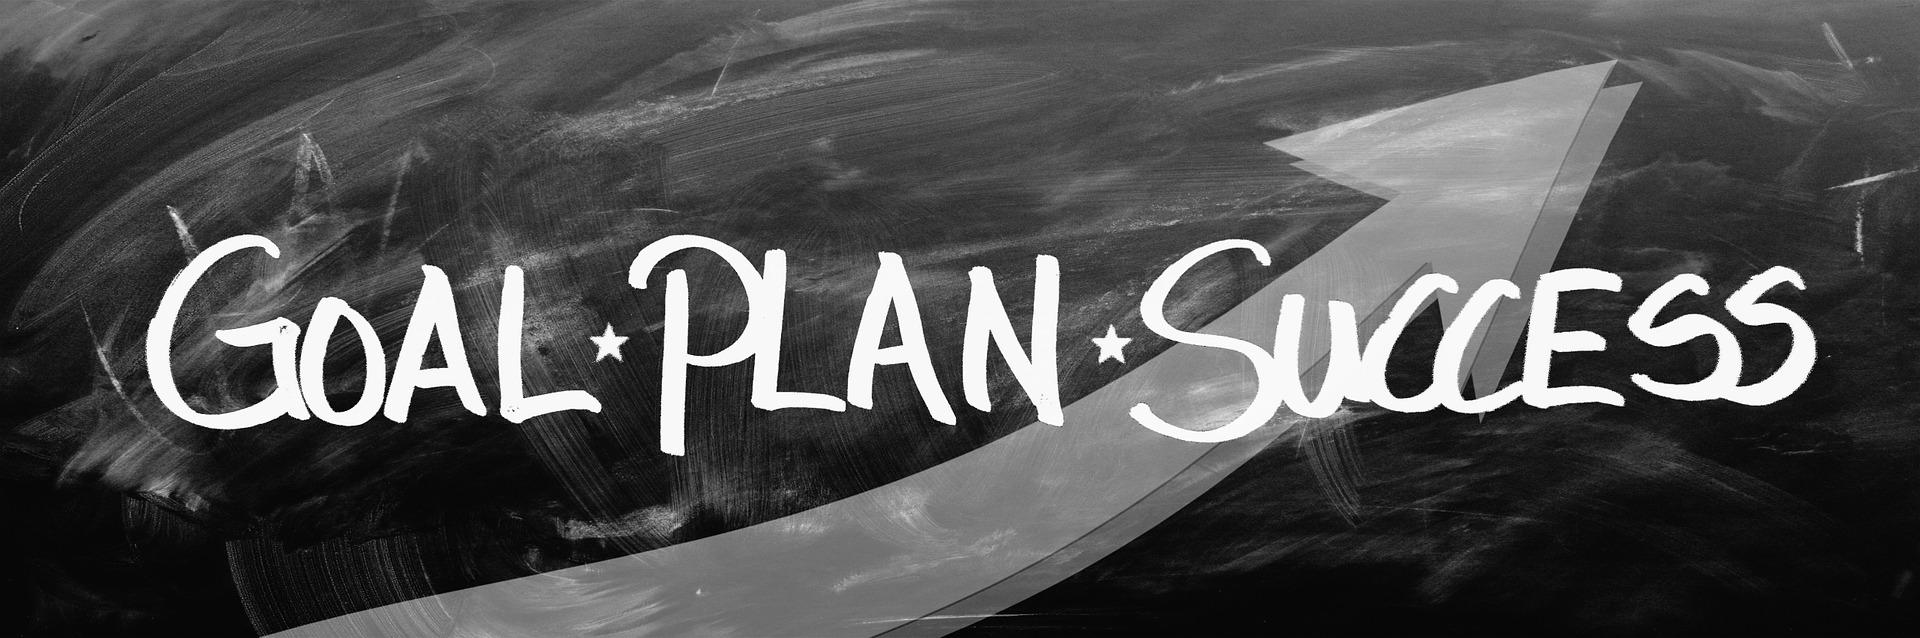 Ziel-Plan-Erfolg